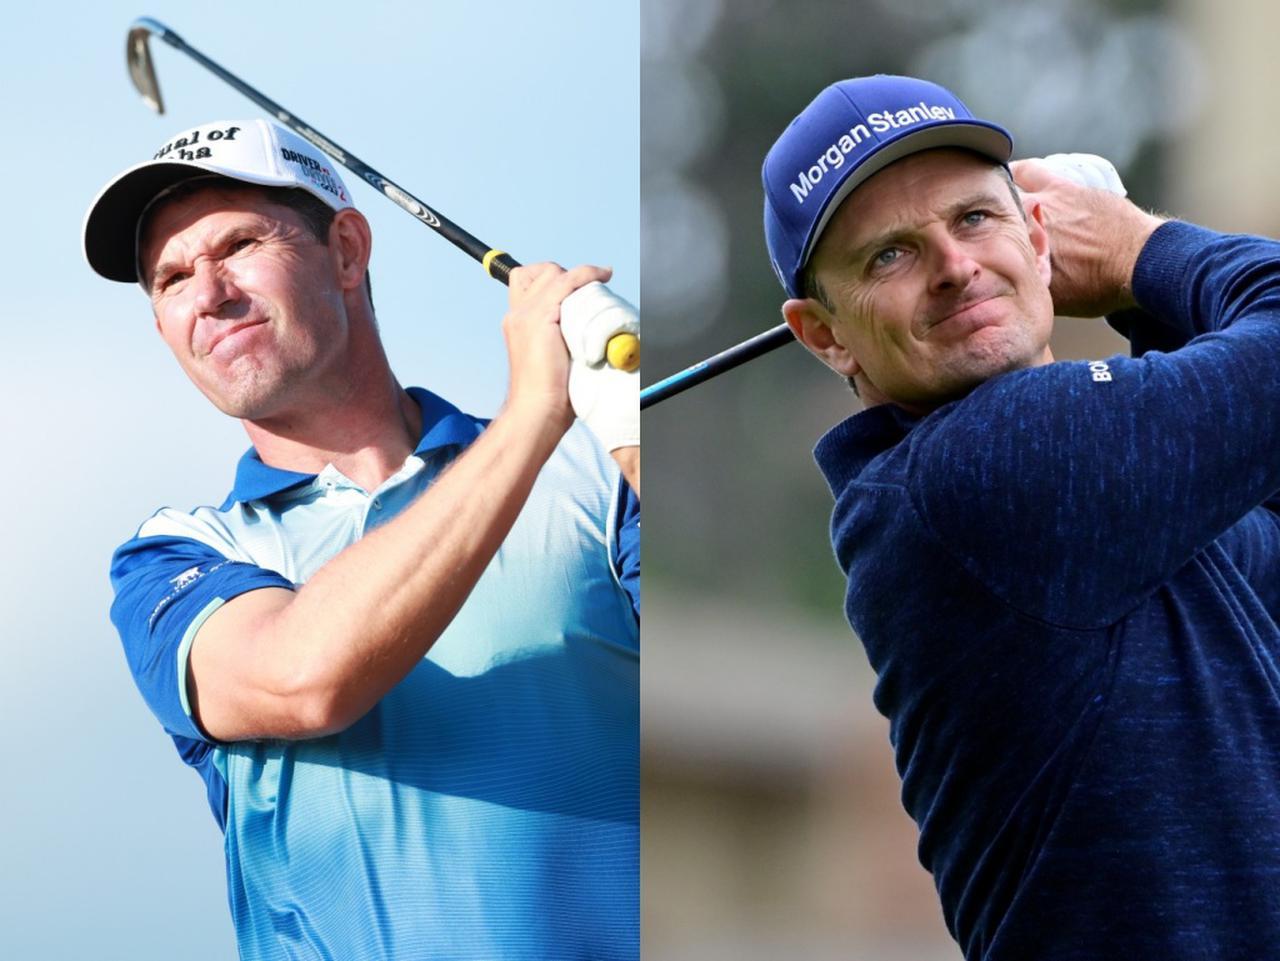 画像: メジャー3勝を挙げているパドレイグ・ハリントン(左)や元世界ランク1位のジャスティン・ローズ(右)もレッスン動画を投稿している。#GolfAtHome で検索してみよう